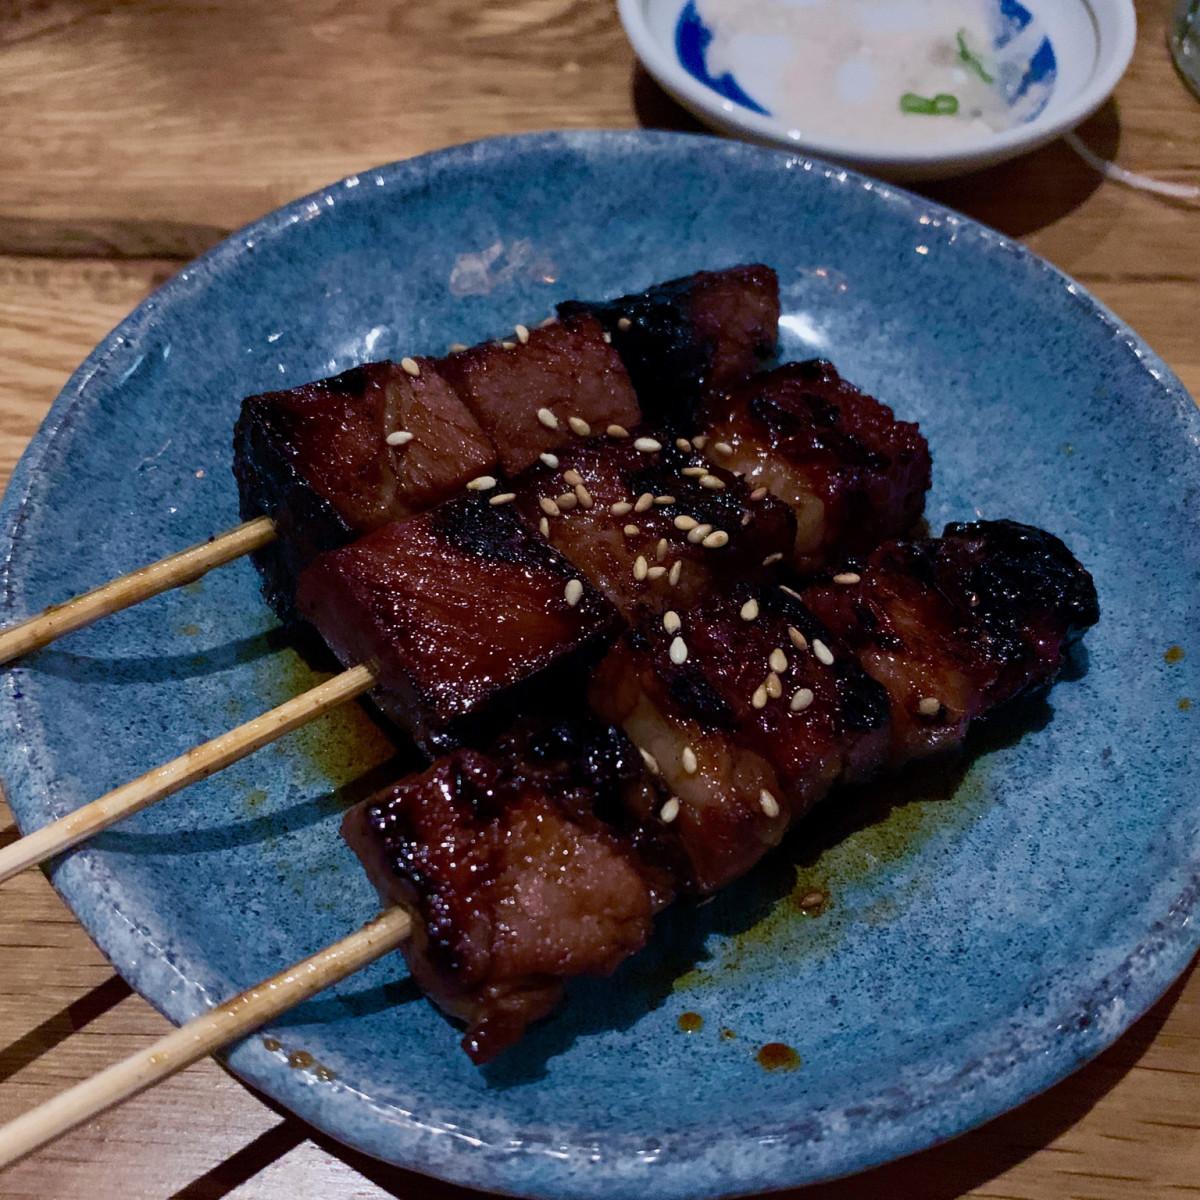 Toukei Izakaya beef short rib skewer